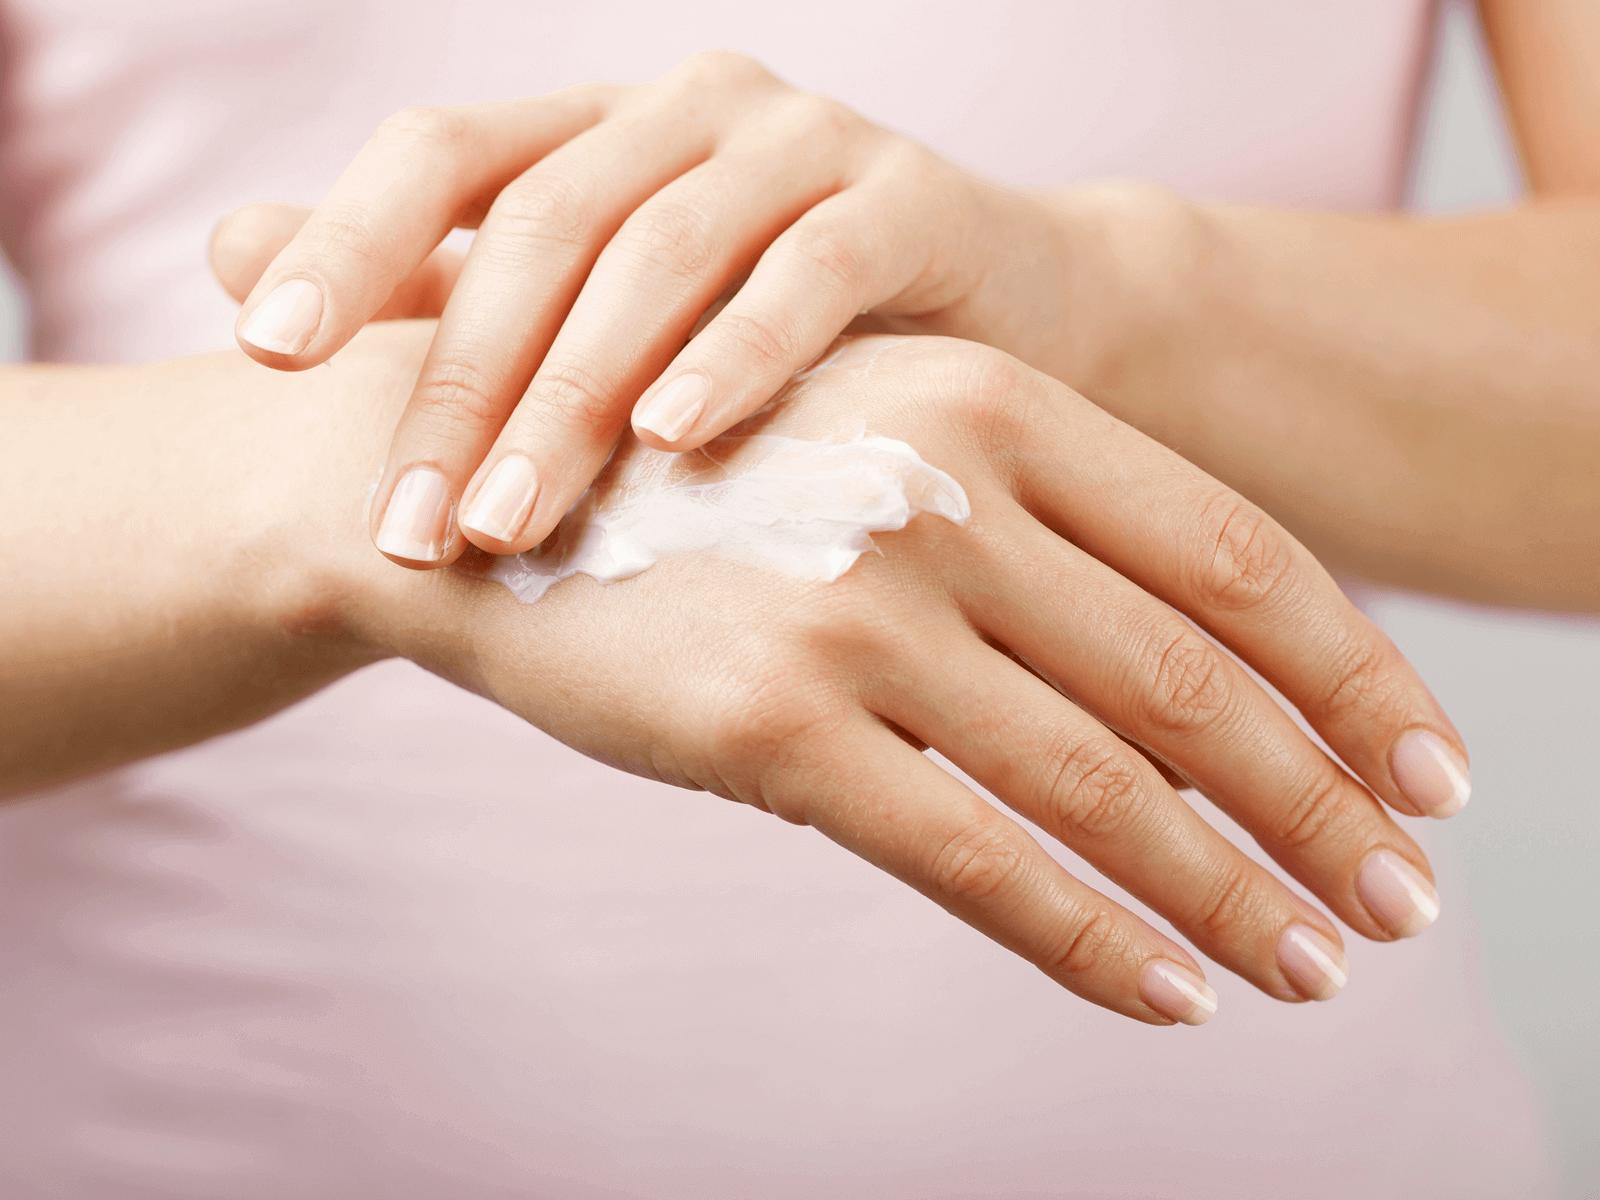 Handreinigung / Handpflege